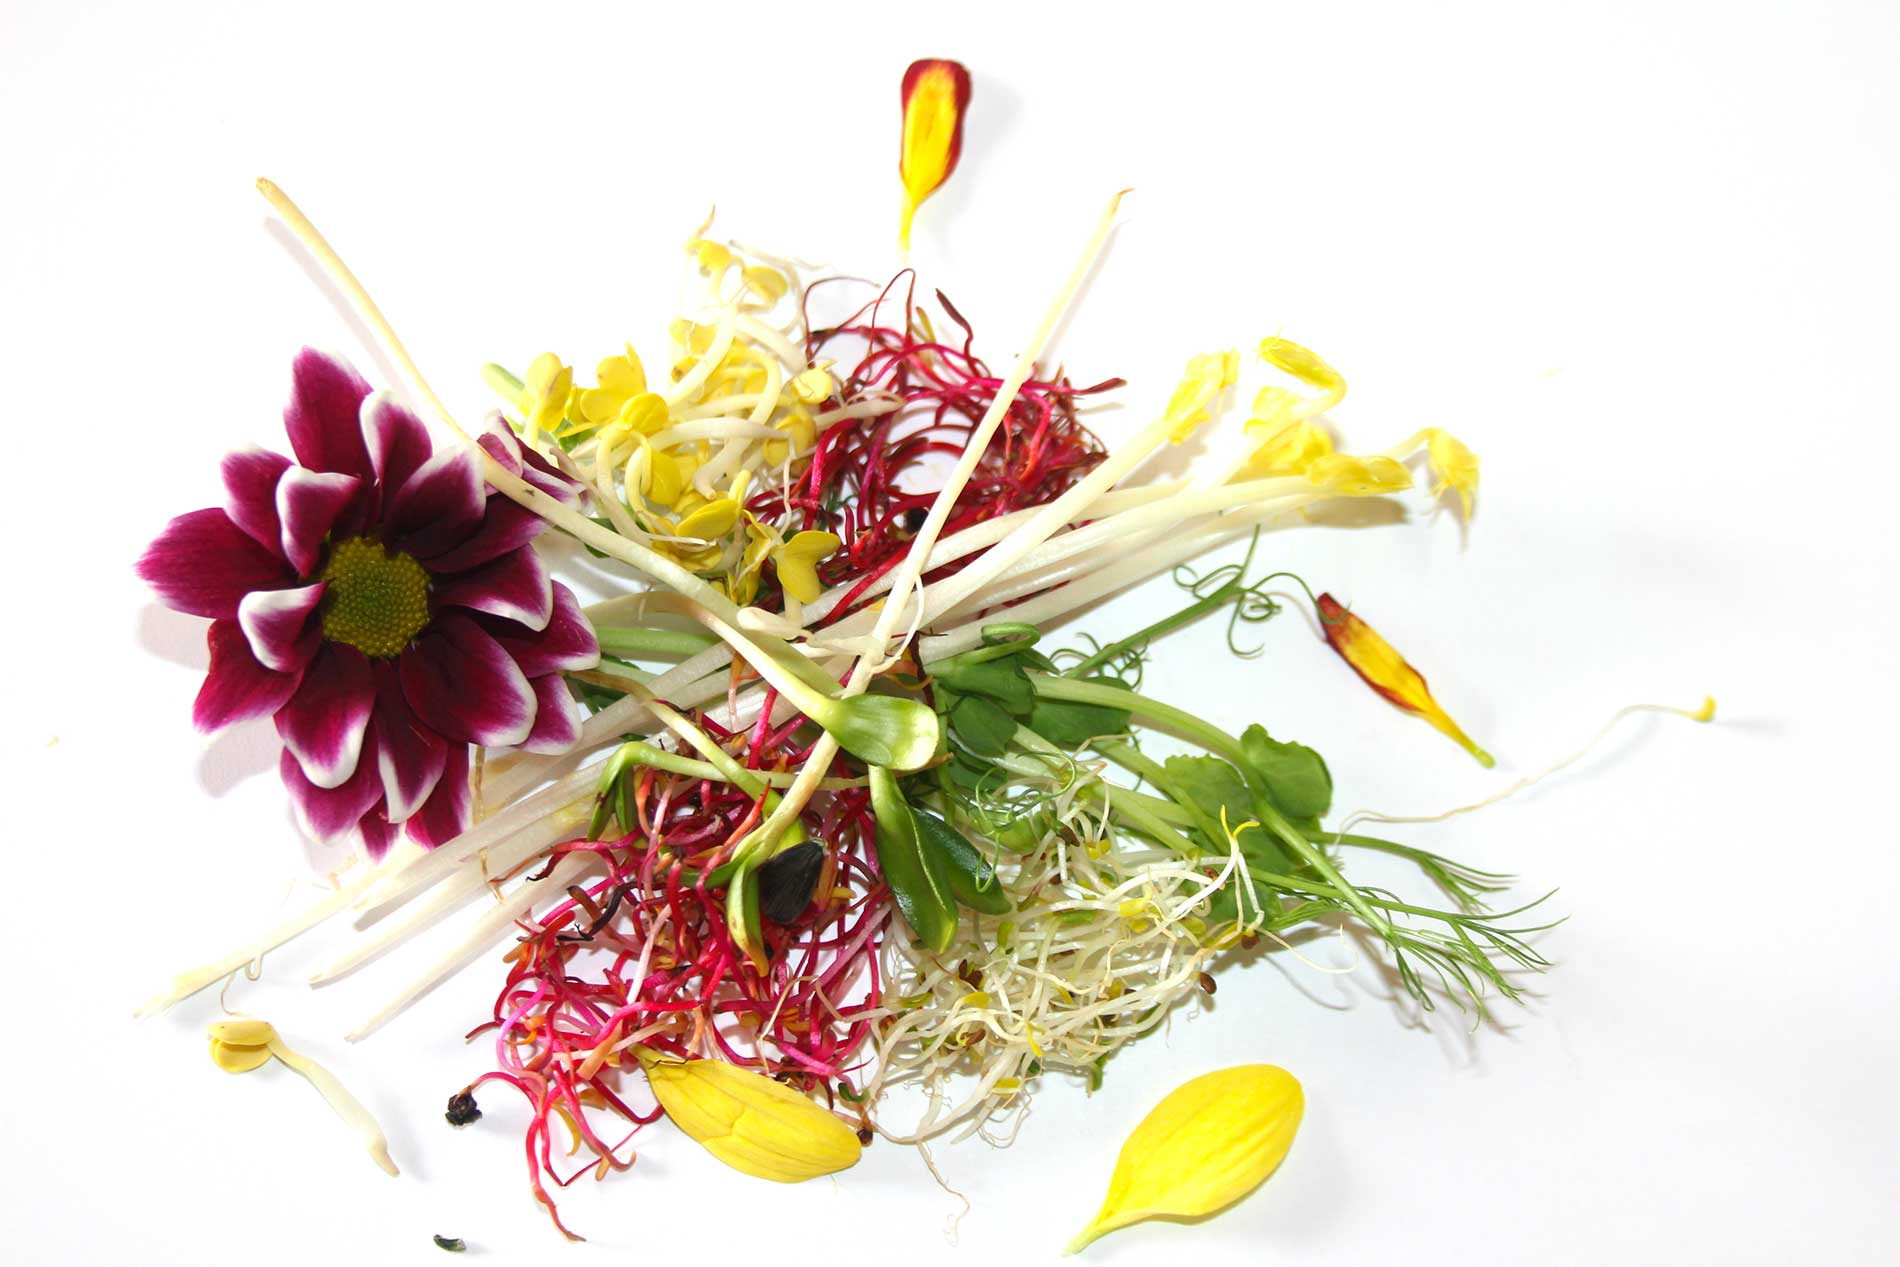 fiori eduli e germogli elitaria vendita prodotti alta qualità per la ristorazione